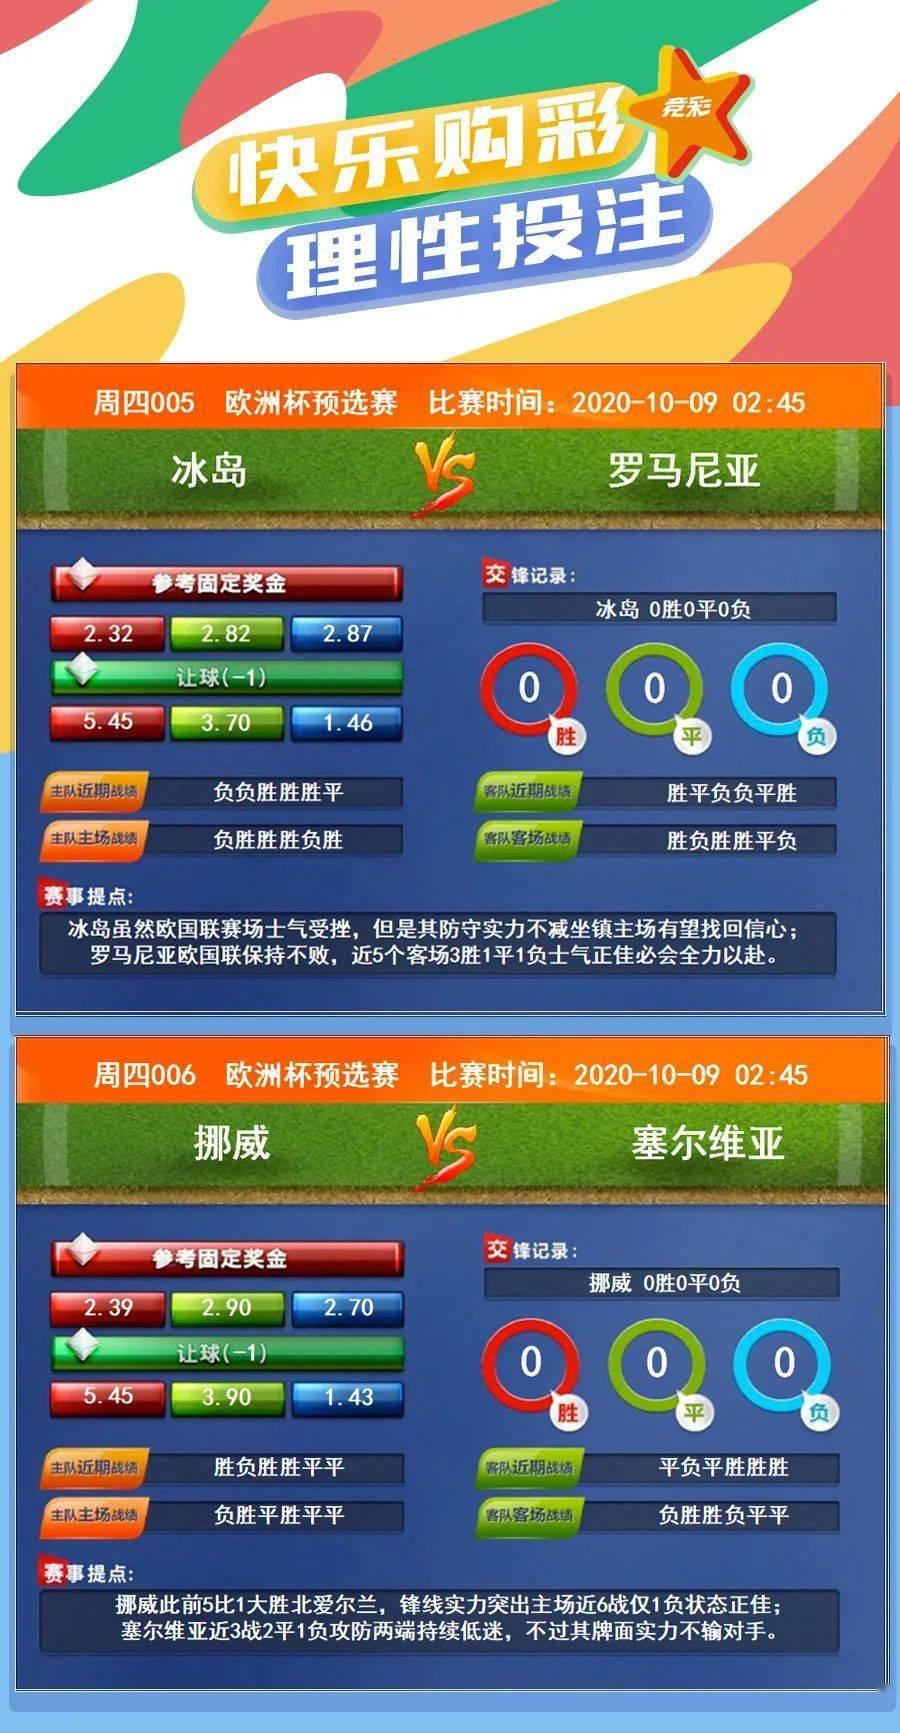 雷泽体育官网: 【竞彩】今开5场单固 世预赛/欧预赛激情来袭(图1)